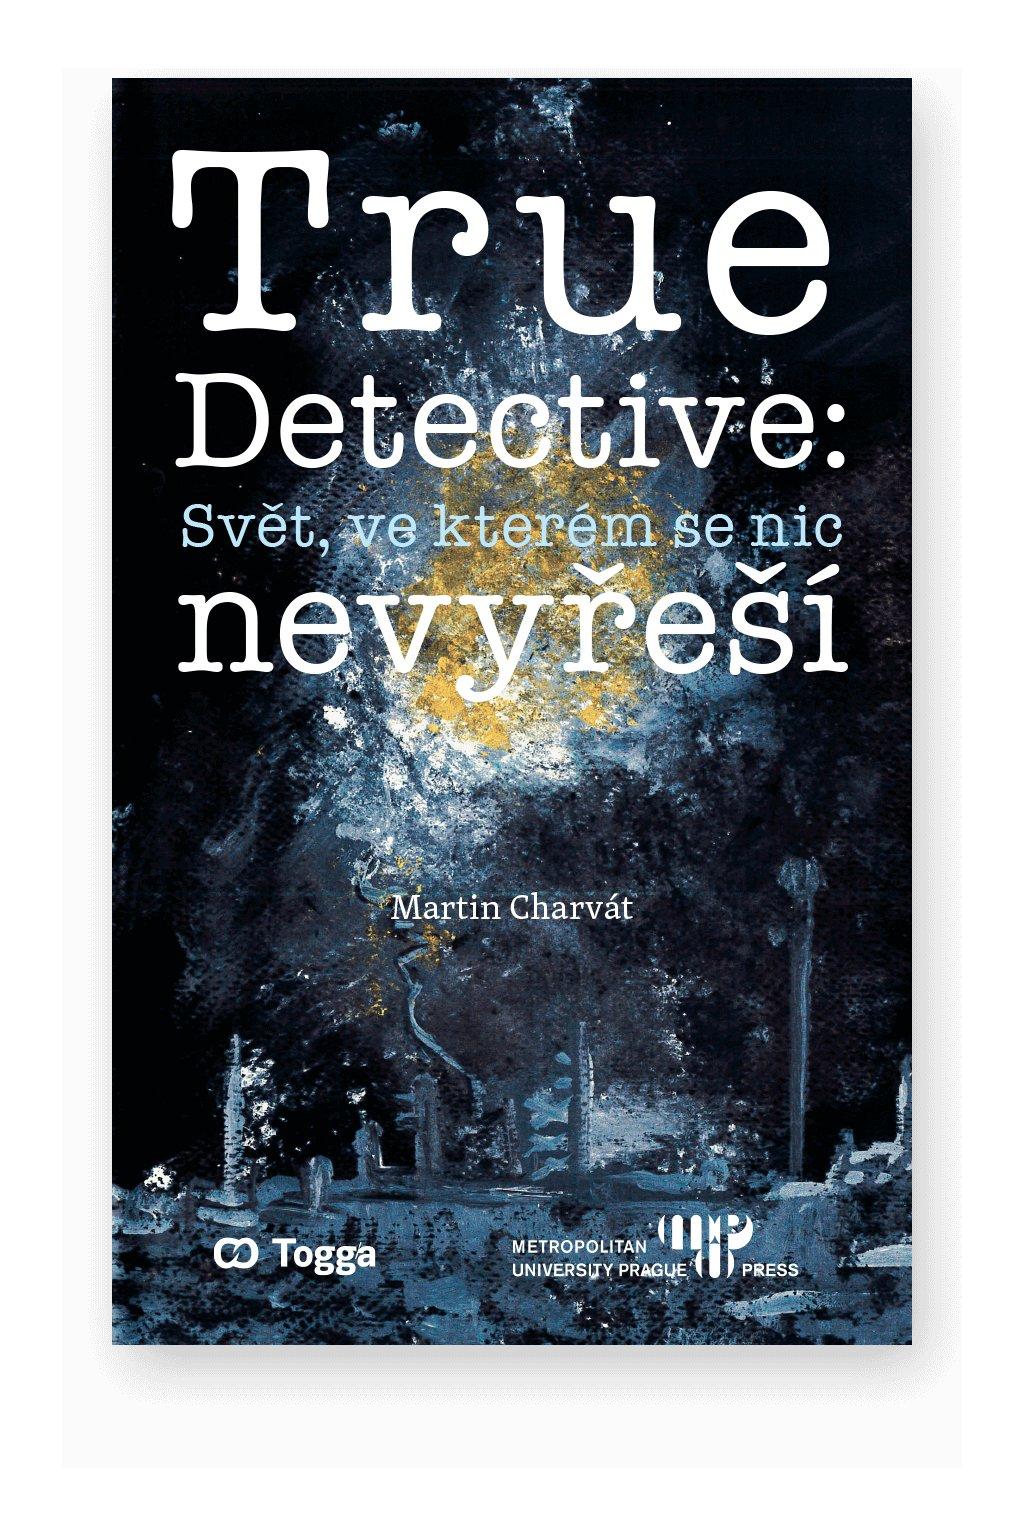 1361 true detective svet ve kterem se nic nevyresi